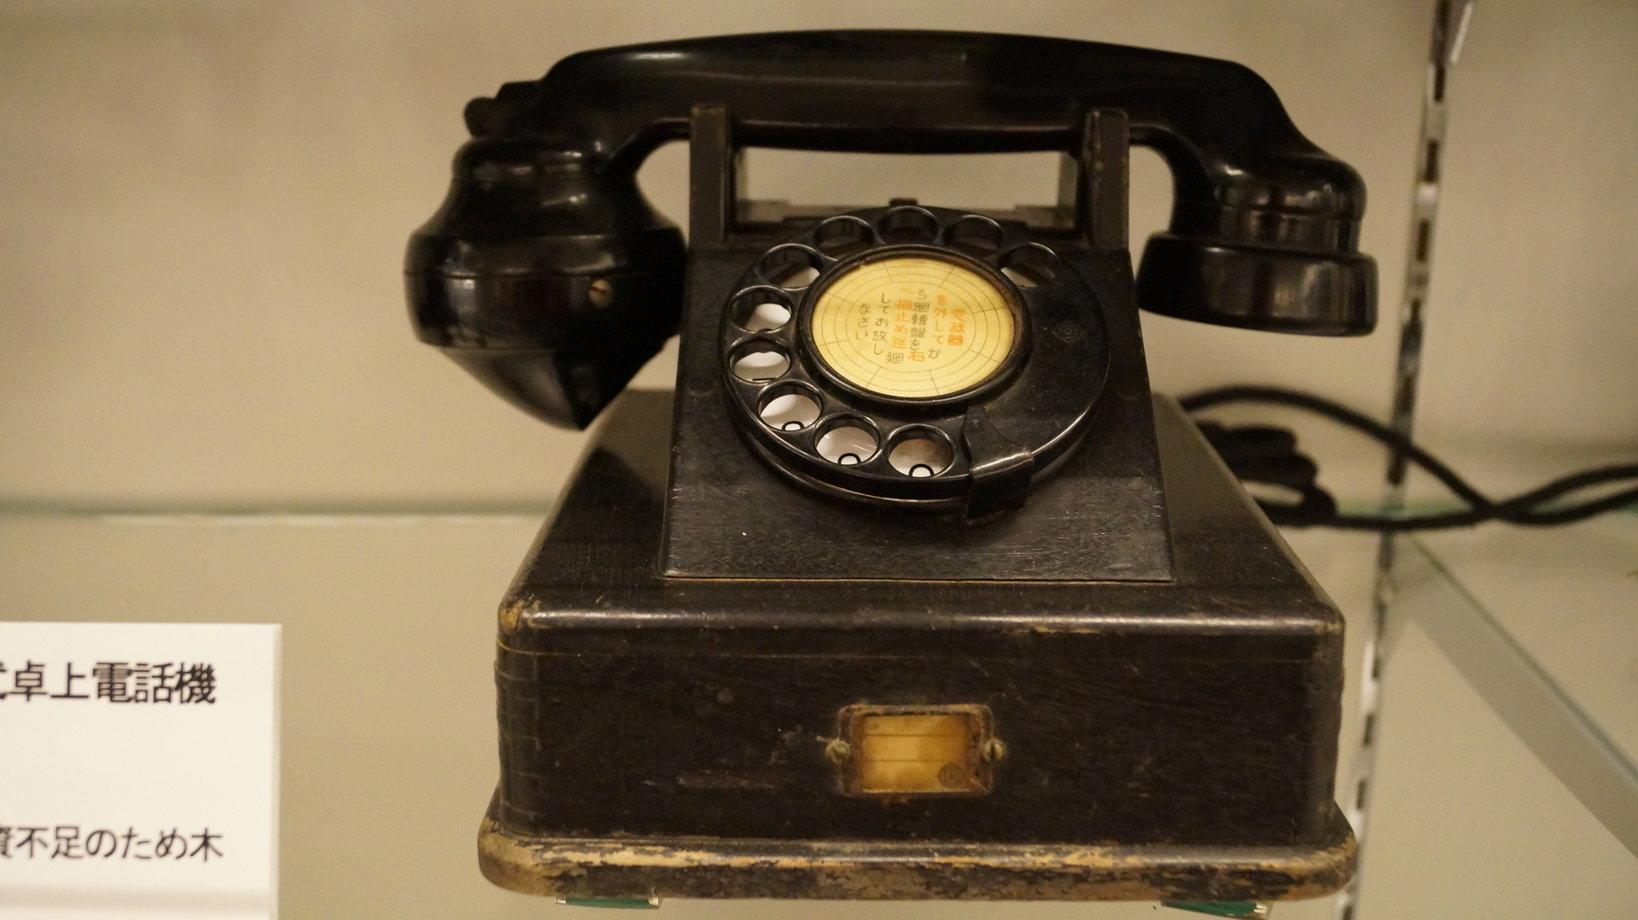 珍しい木製の電話機。戦時中は樹脂が不足したために木で代用したものもありました